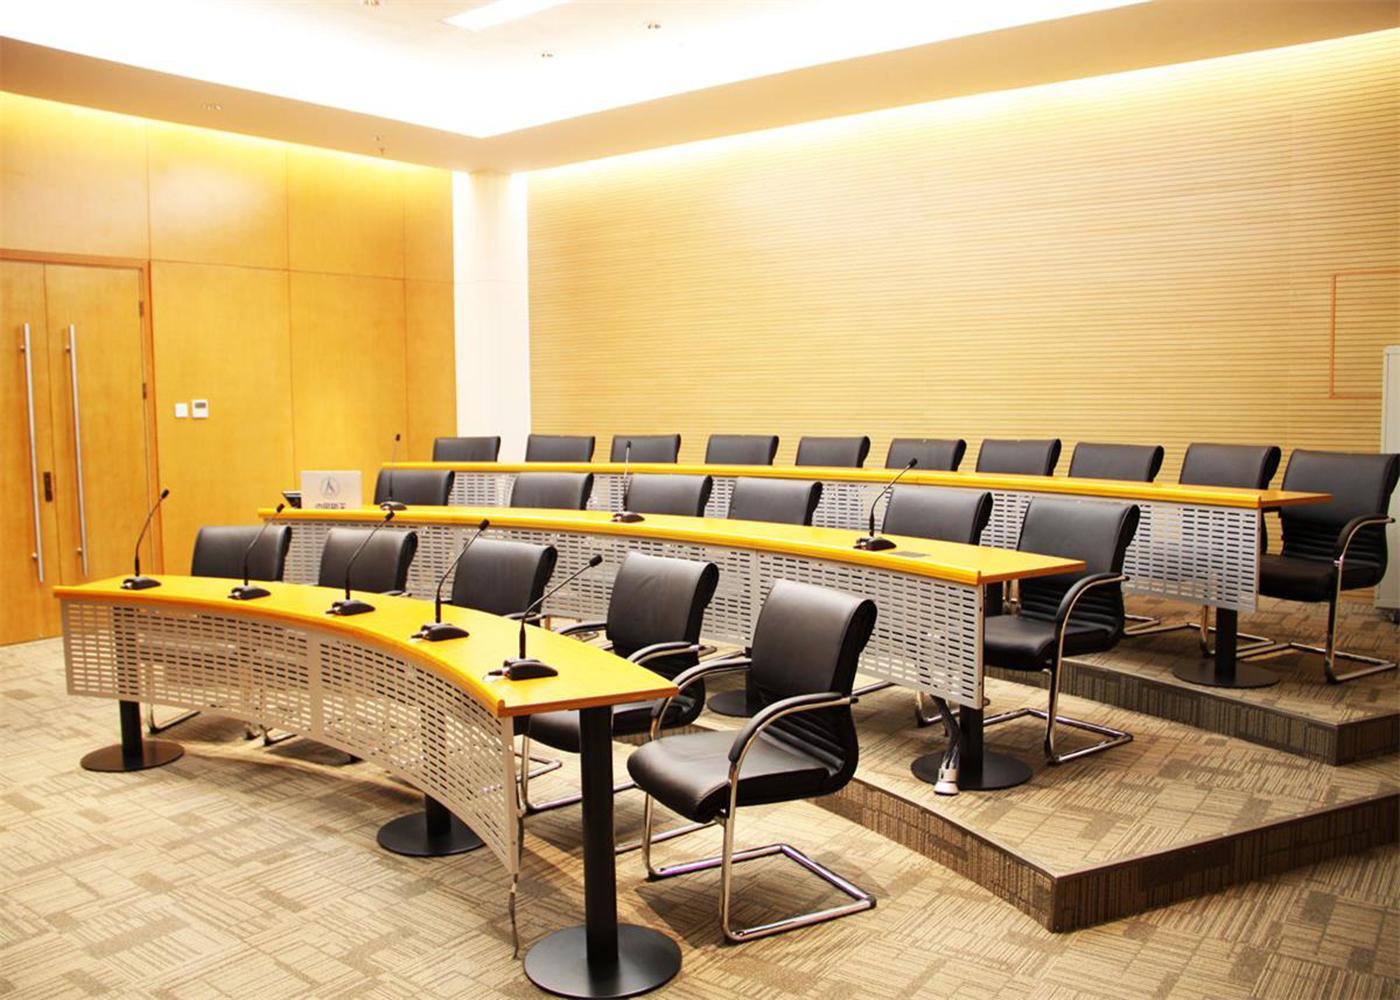 雷蒂斯会议桌A16,上海会议桌,【尺寸 价格 图片 品牌】